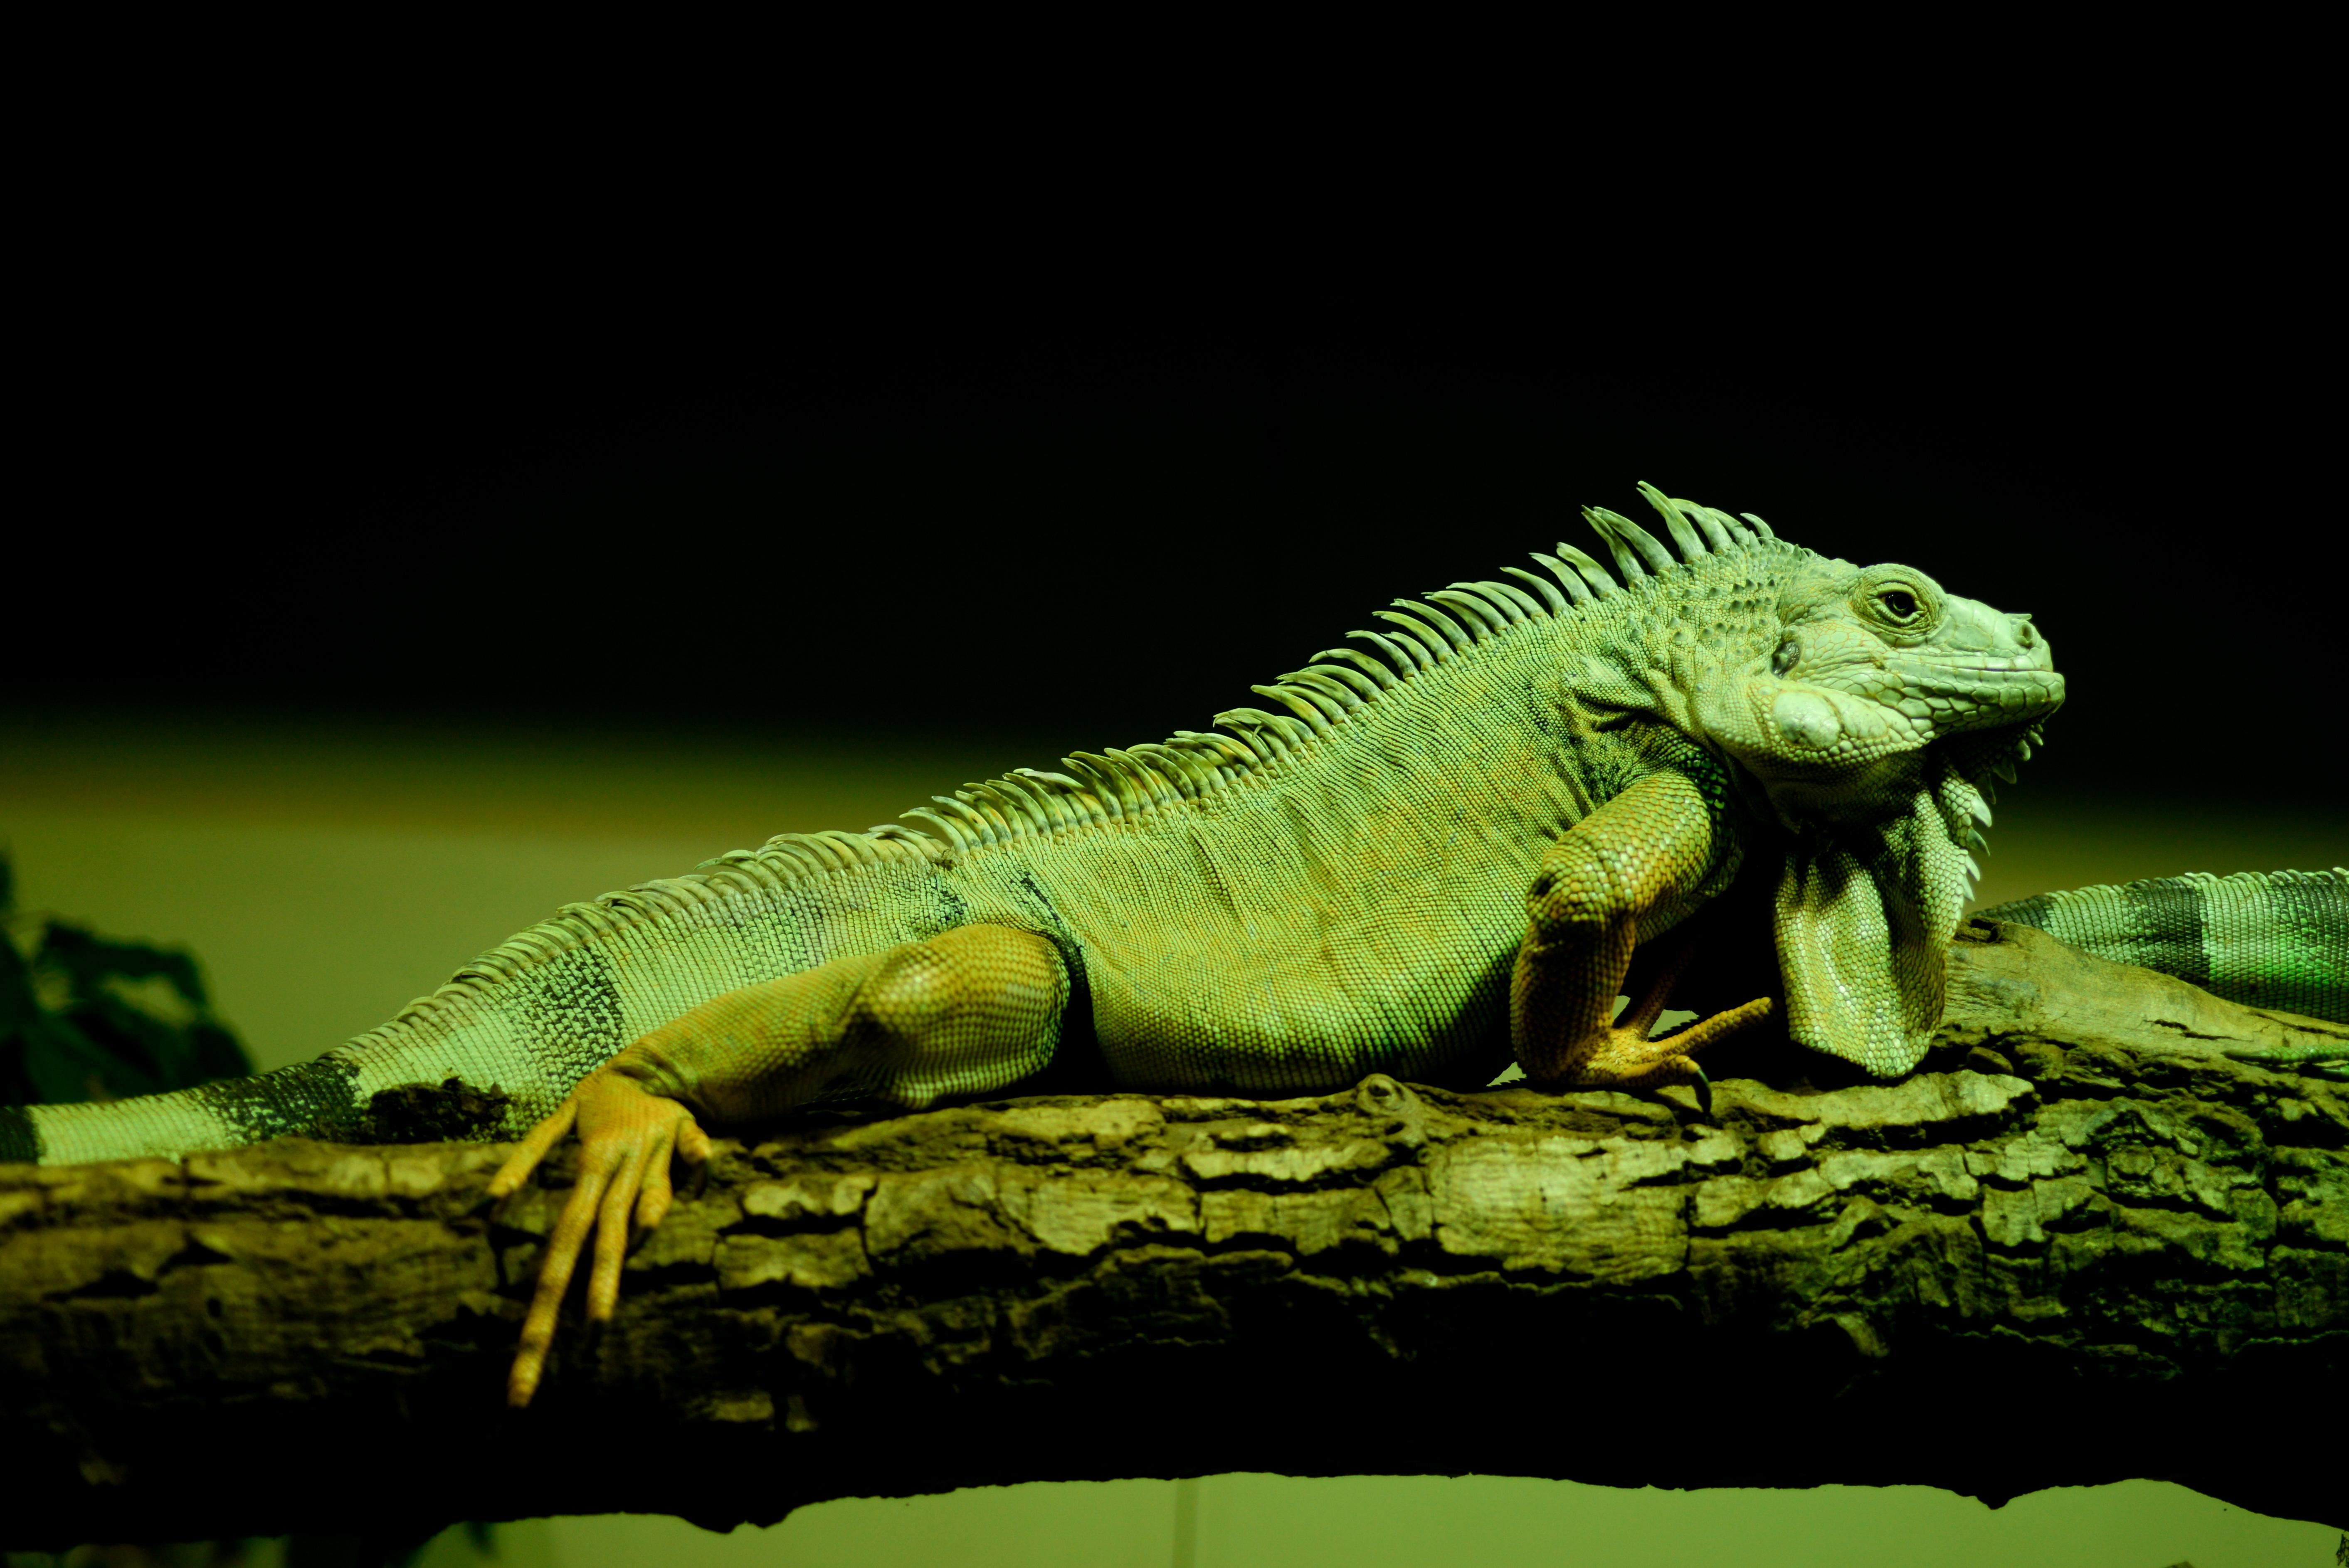 78057 Hintergrundbild herunterladen Tiere, Eidechse, Reptil, Reptile, Waage, Skala, Amphibie, Amphibien - Bildschirmschoner und Bilder kostenlos